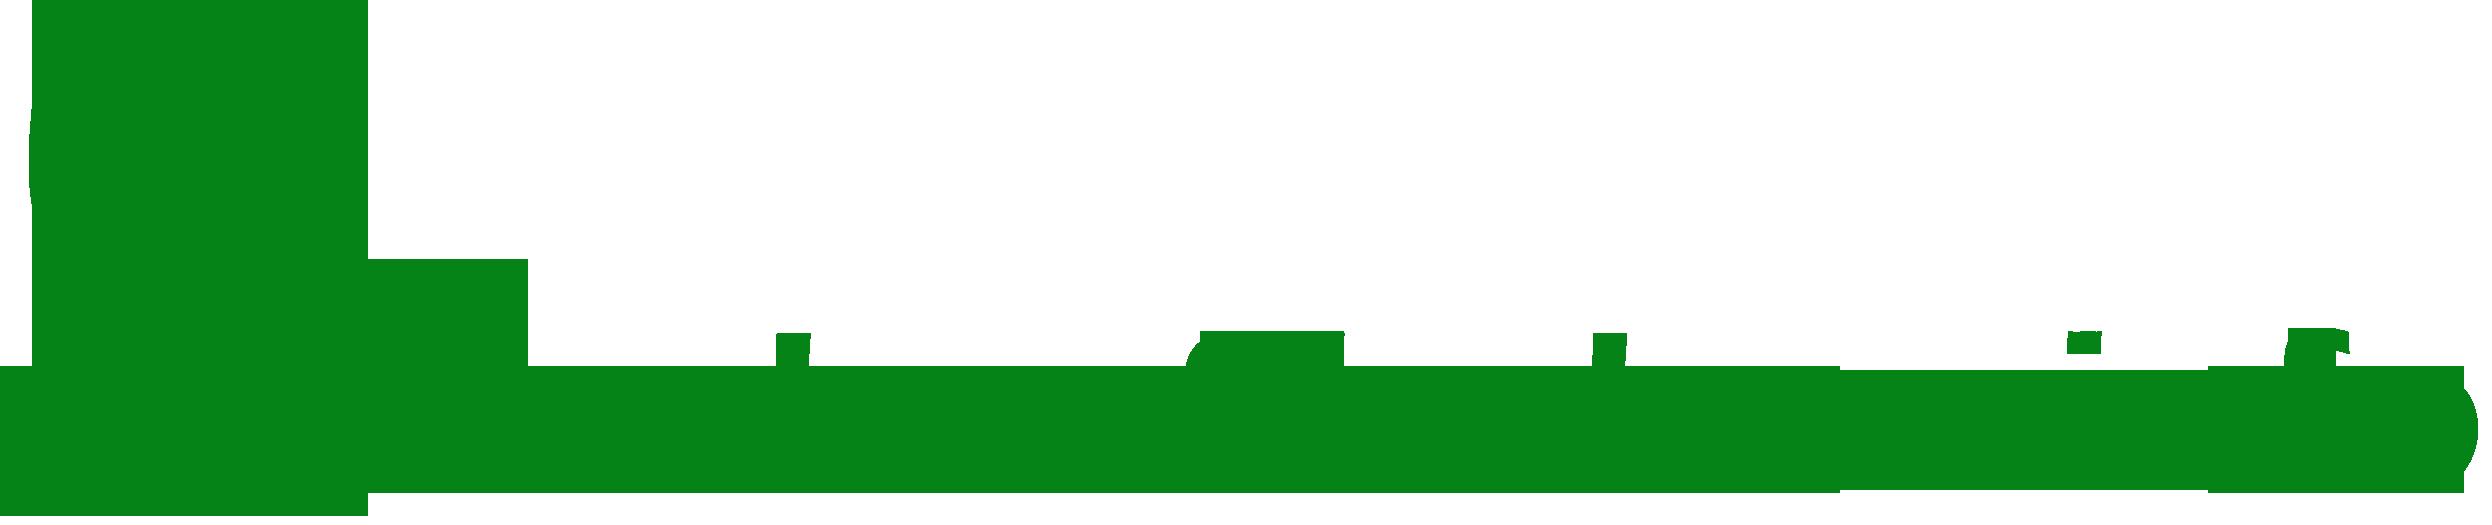 ShalomShalom.info